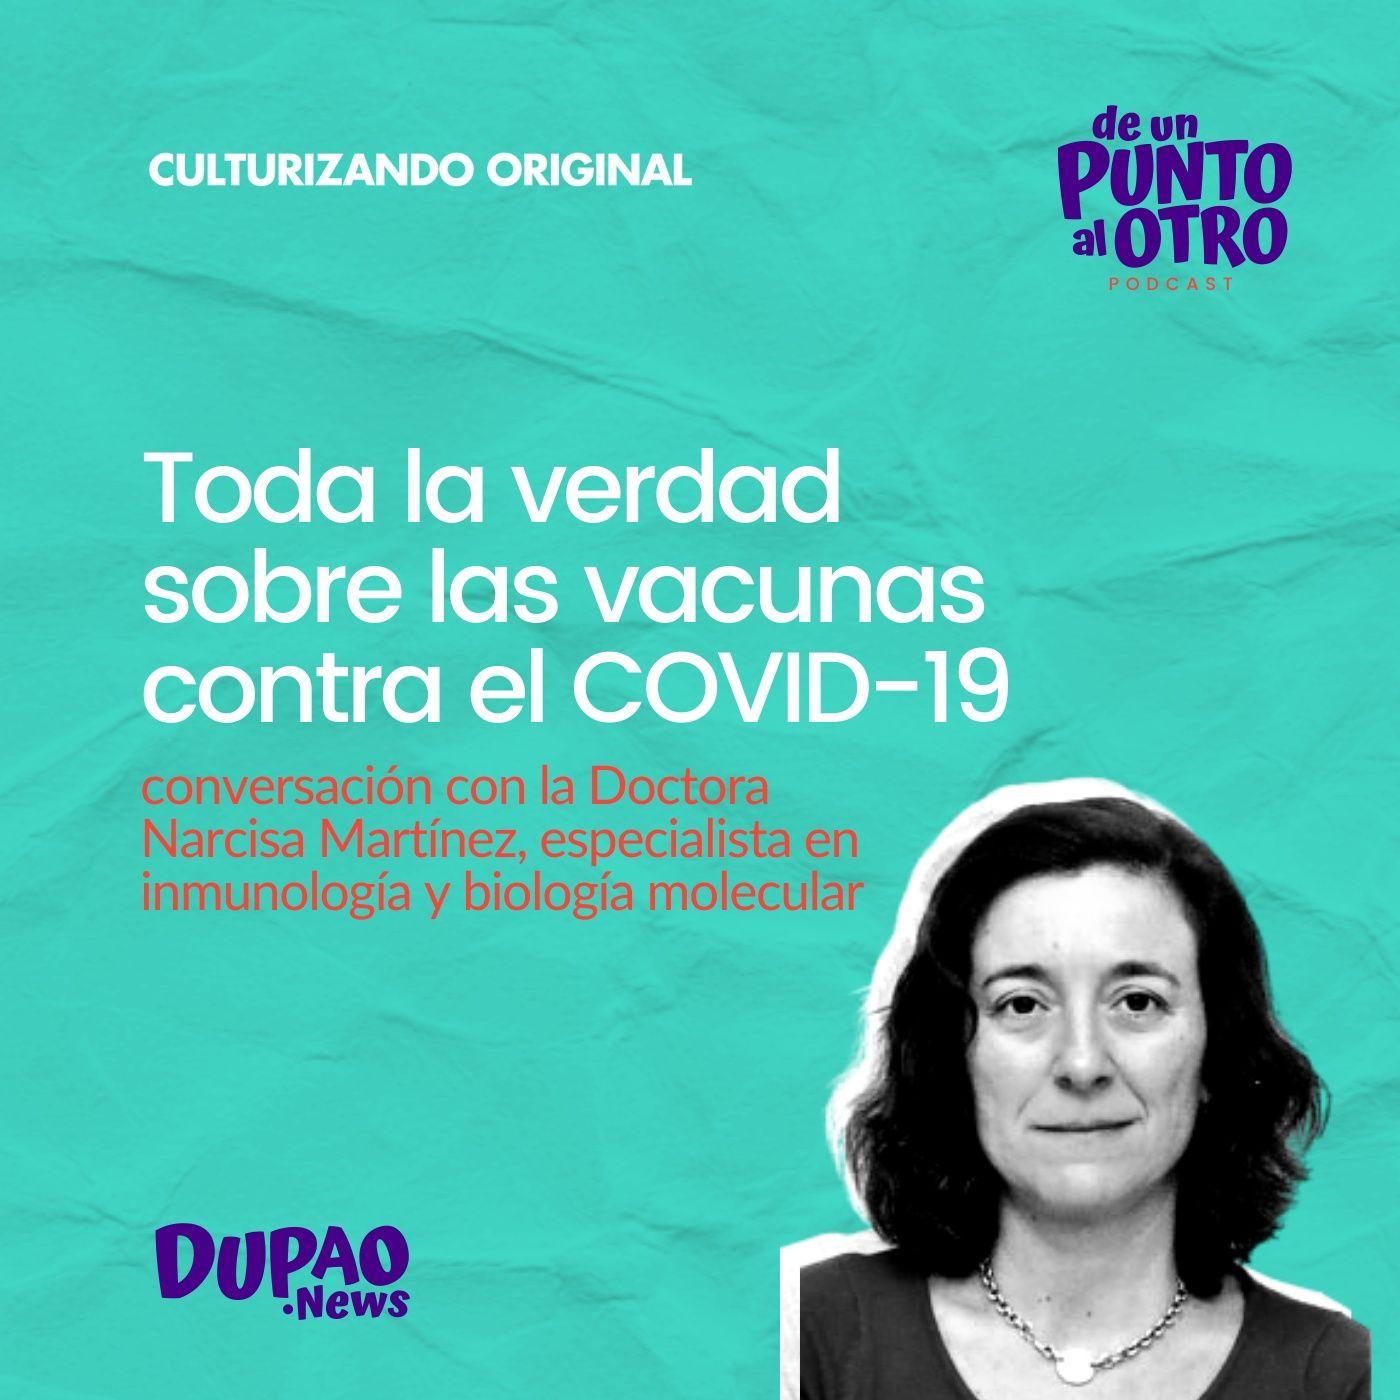 E45 • Toda la verdad sobre las vacunas contra el COVID-19, con la Dra. Narcisa Martínez • DUPAO.news